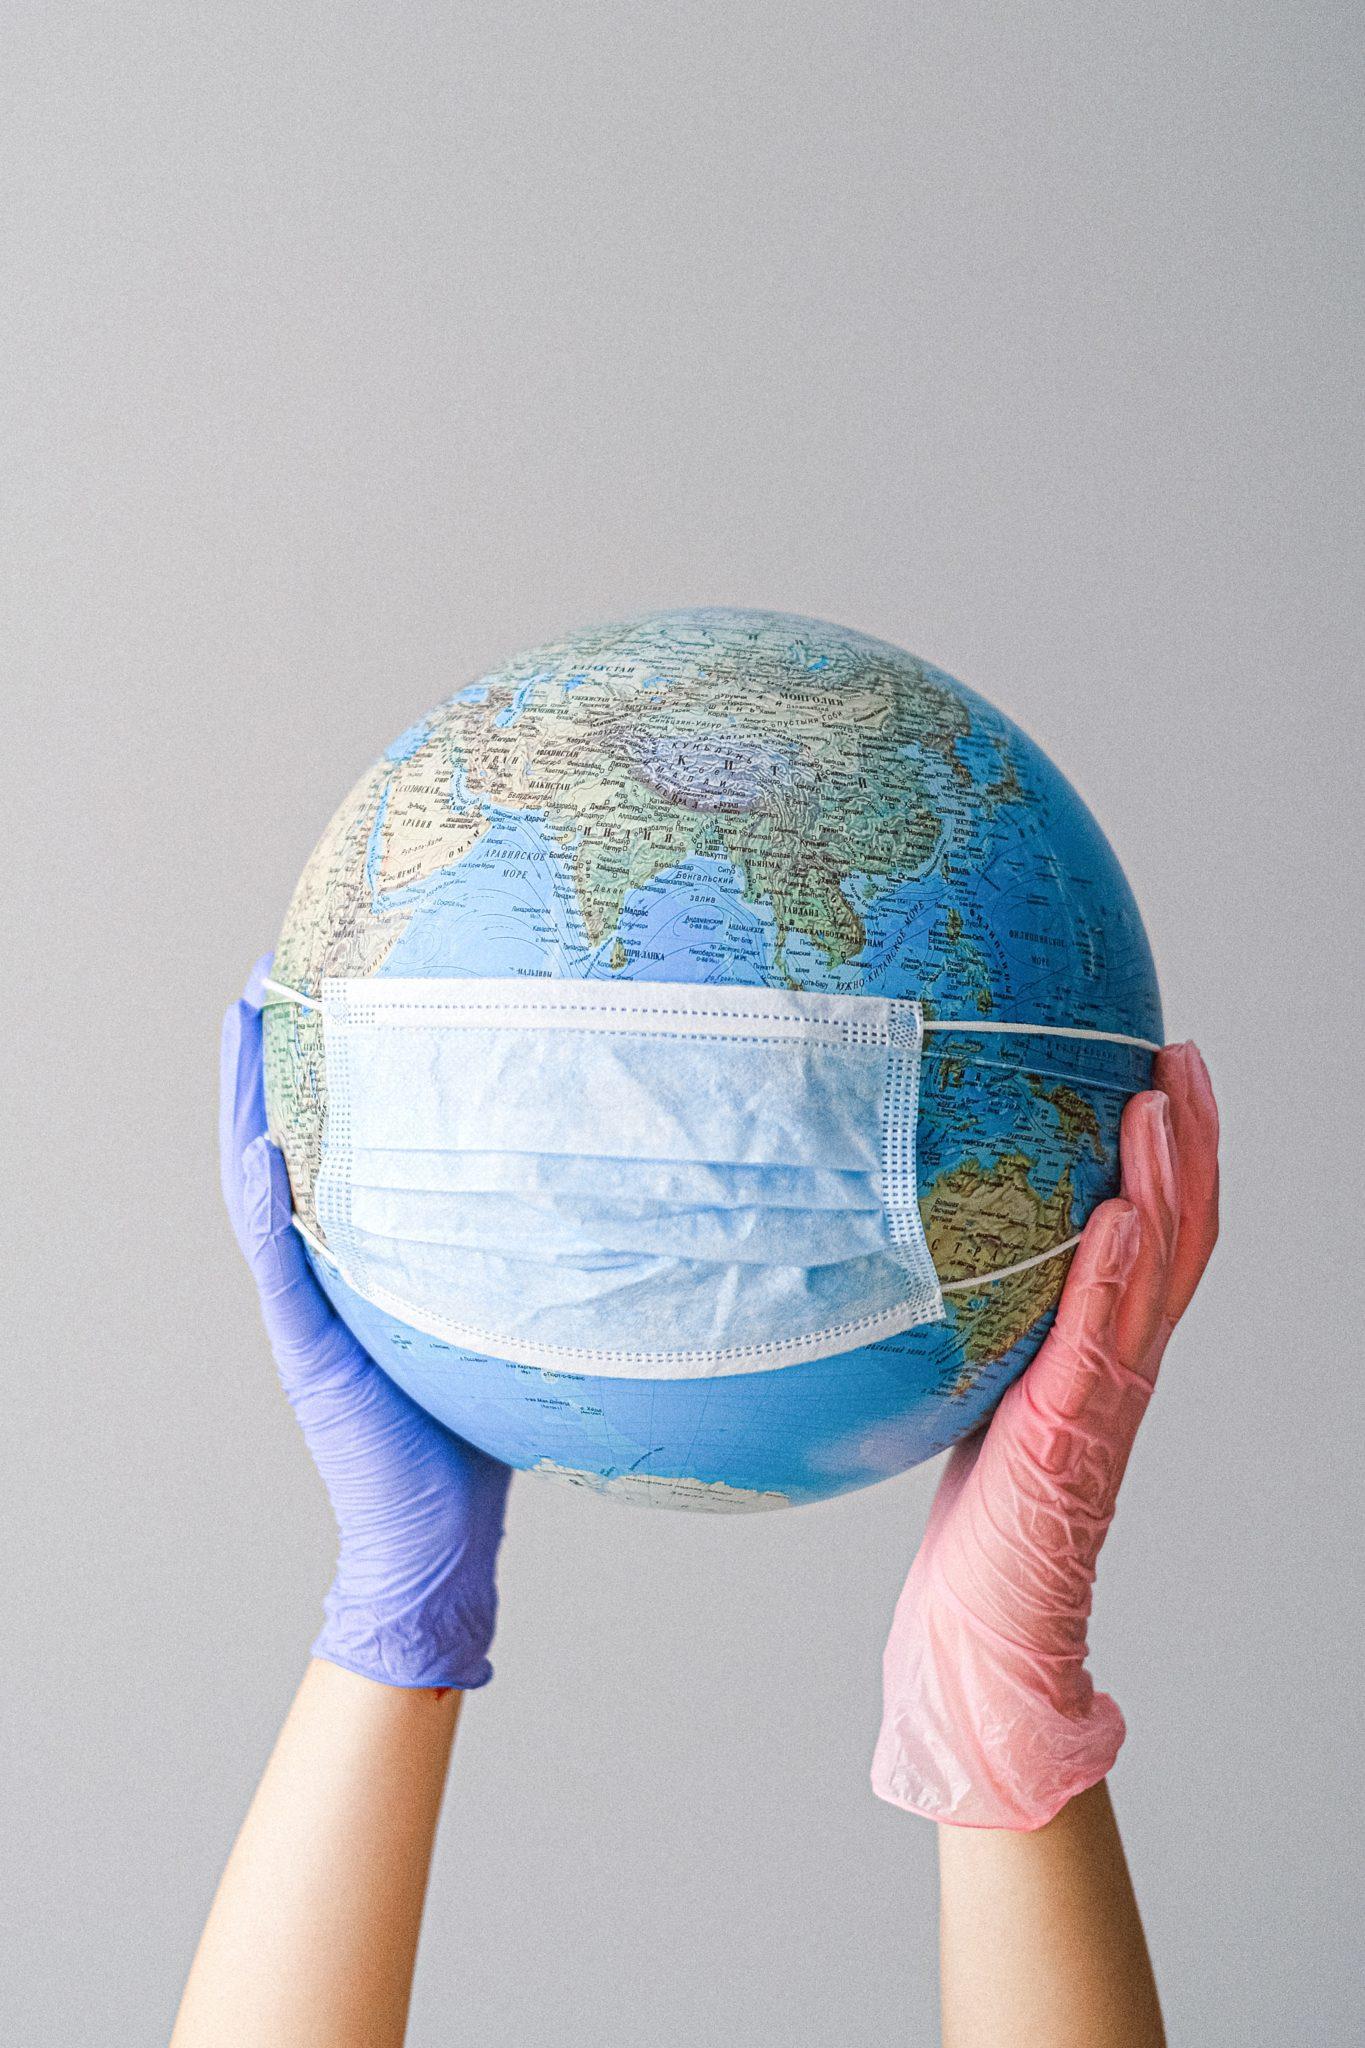 Entenda o novo contexto e como investir no mundo pós-pandemia